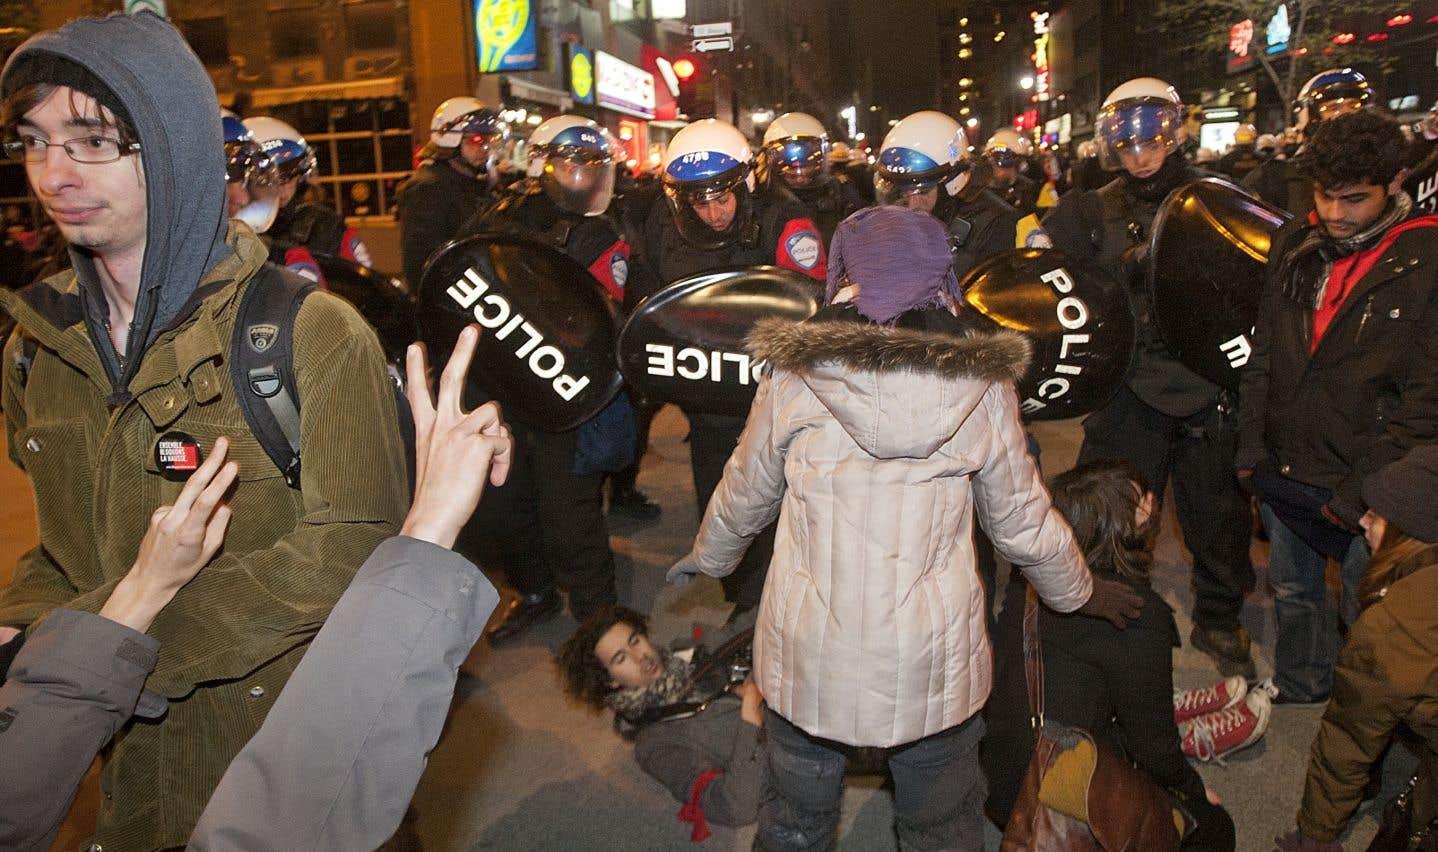 En 2012, en plus de réprimer la grève étudiante de façon violente, le gouvernement québécois s'empressa de représenter les grévistes comme étant les ennemis de la classe moyenne, estime l'auteur.